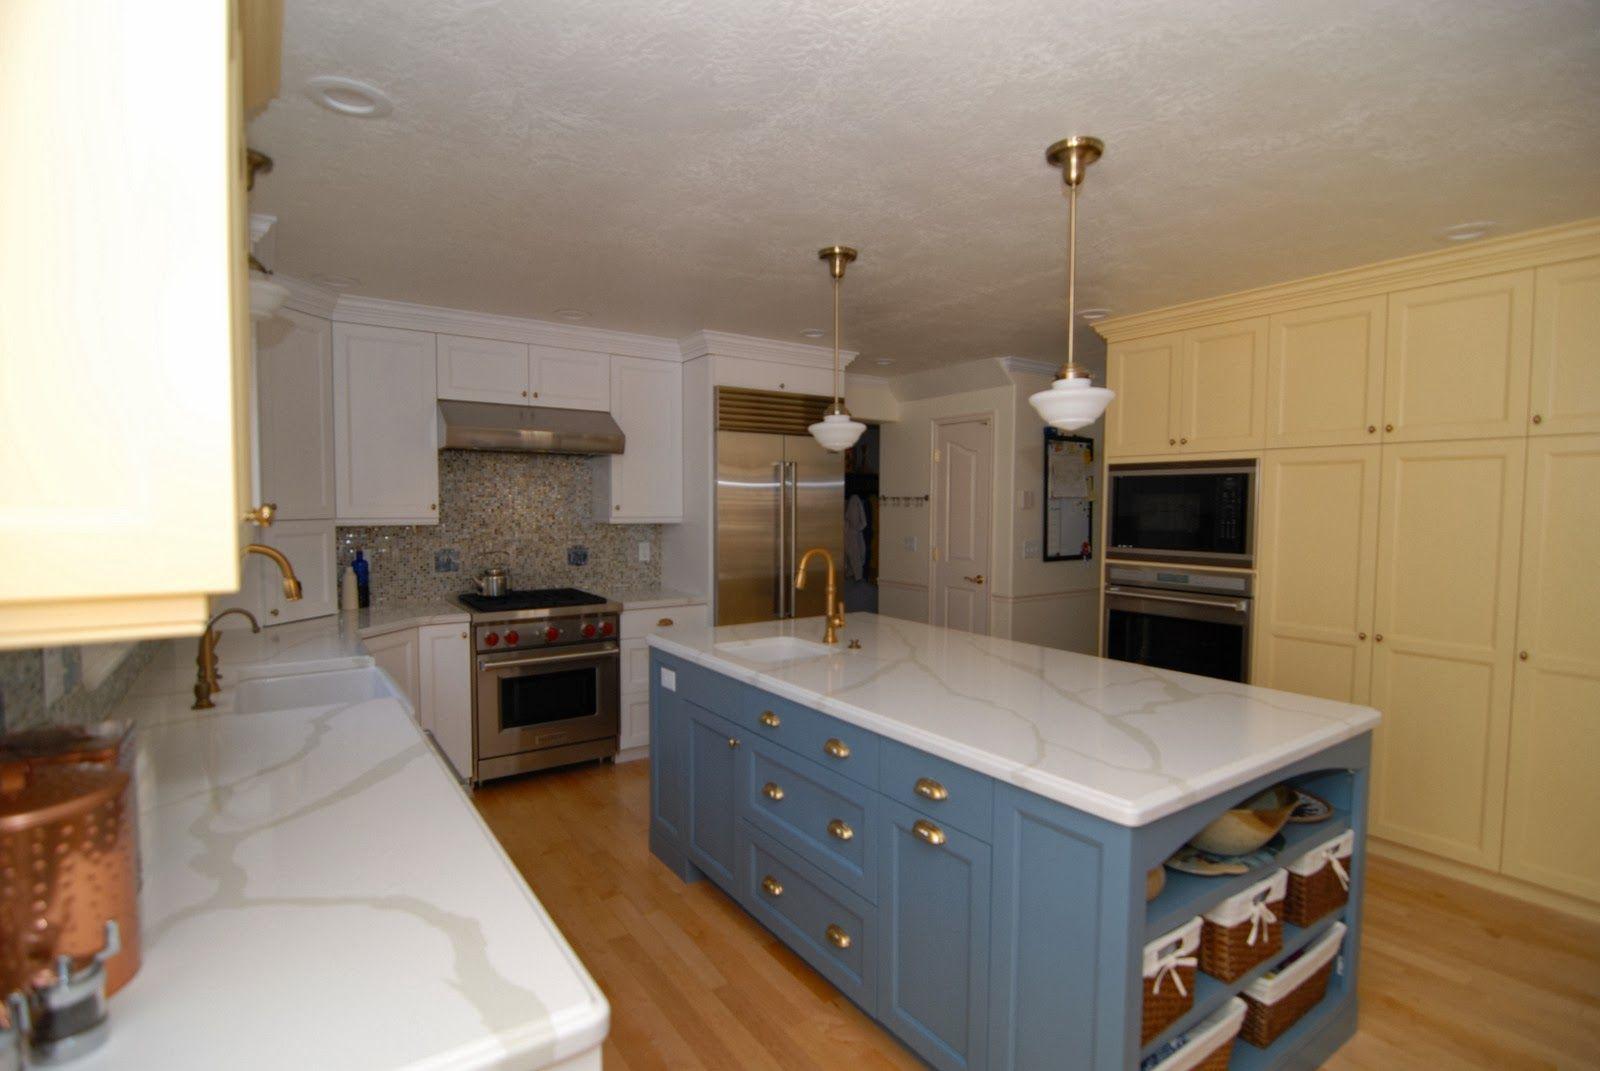 Best Pental Quartz Calacatta Home Hall Bath Quartz 400 x 300